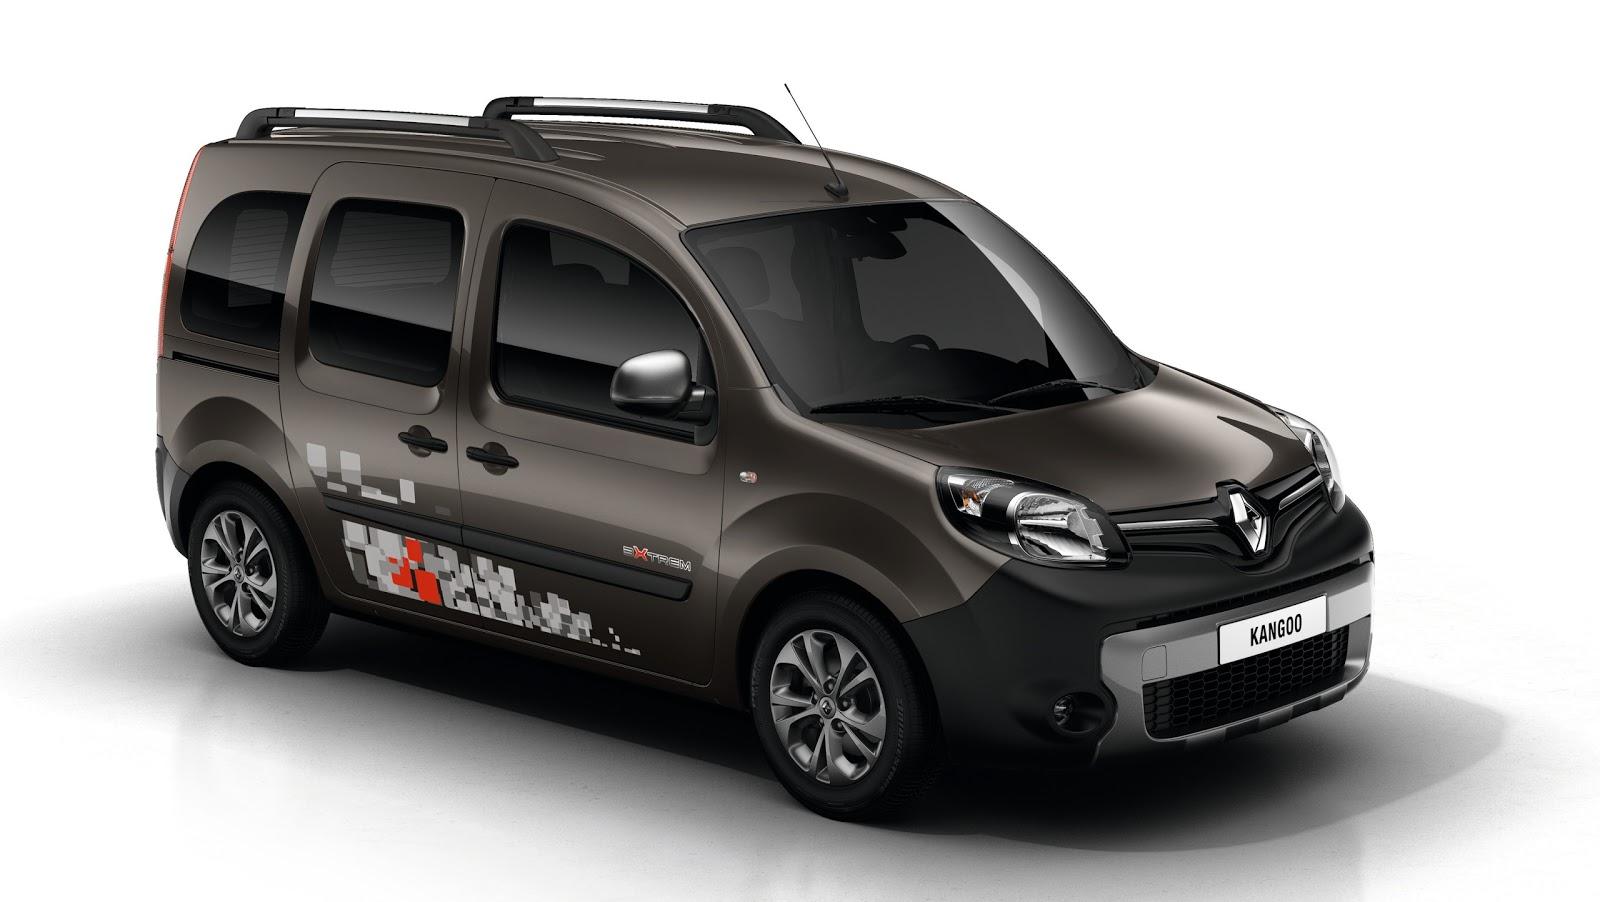 Renault Kangoo Express 2013 Kasko Fiyati Sakarya Pirildar Sigorta